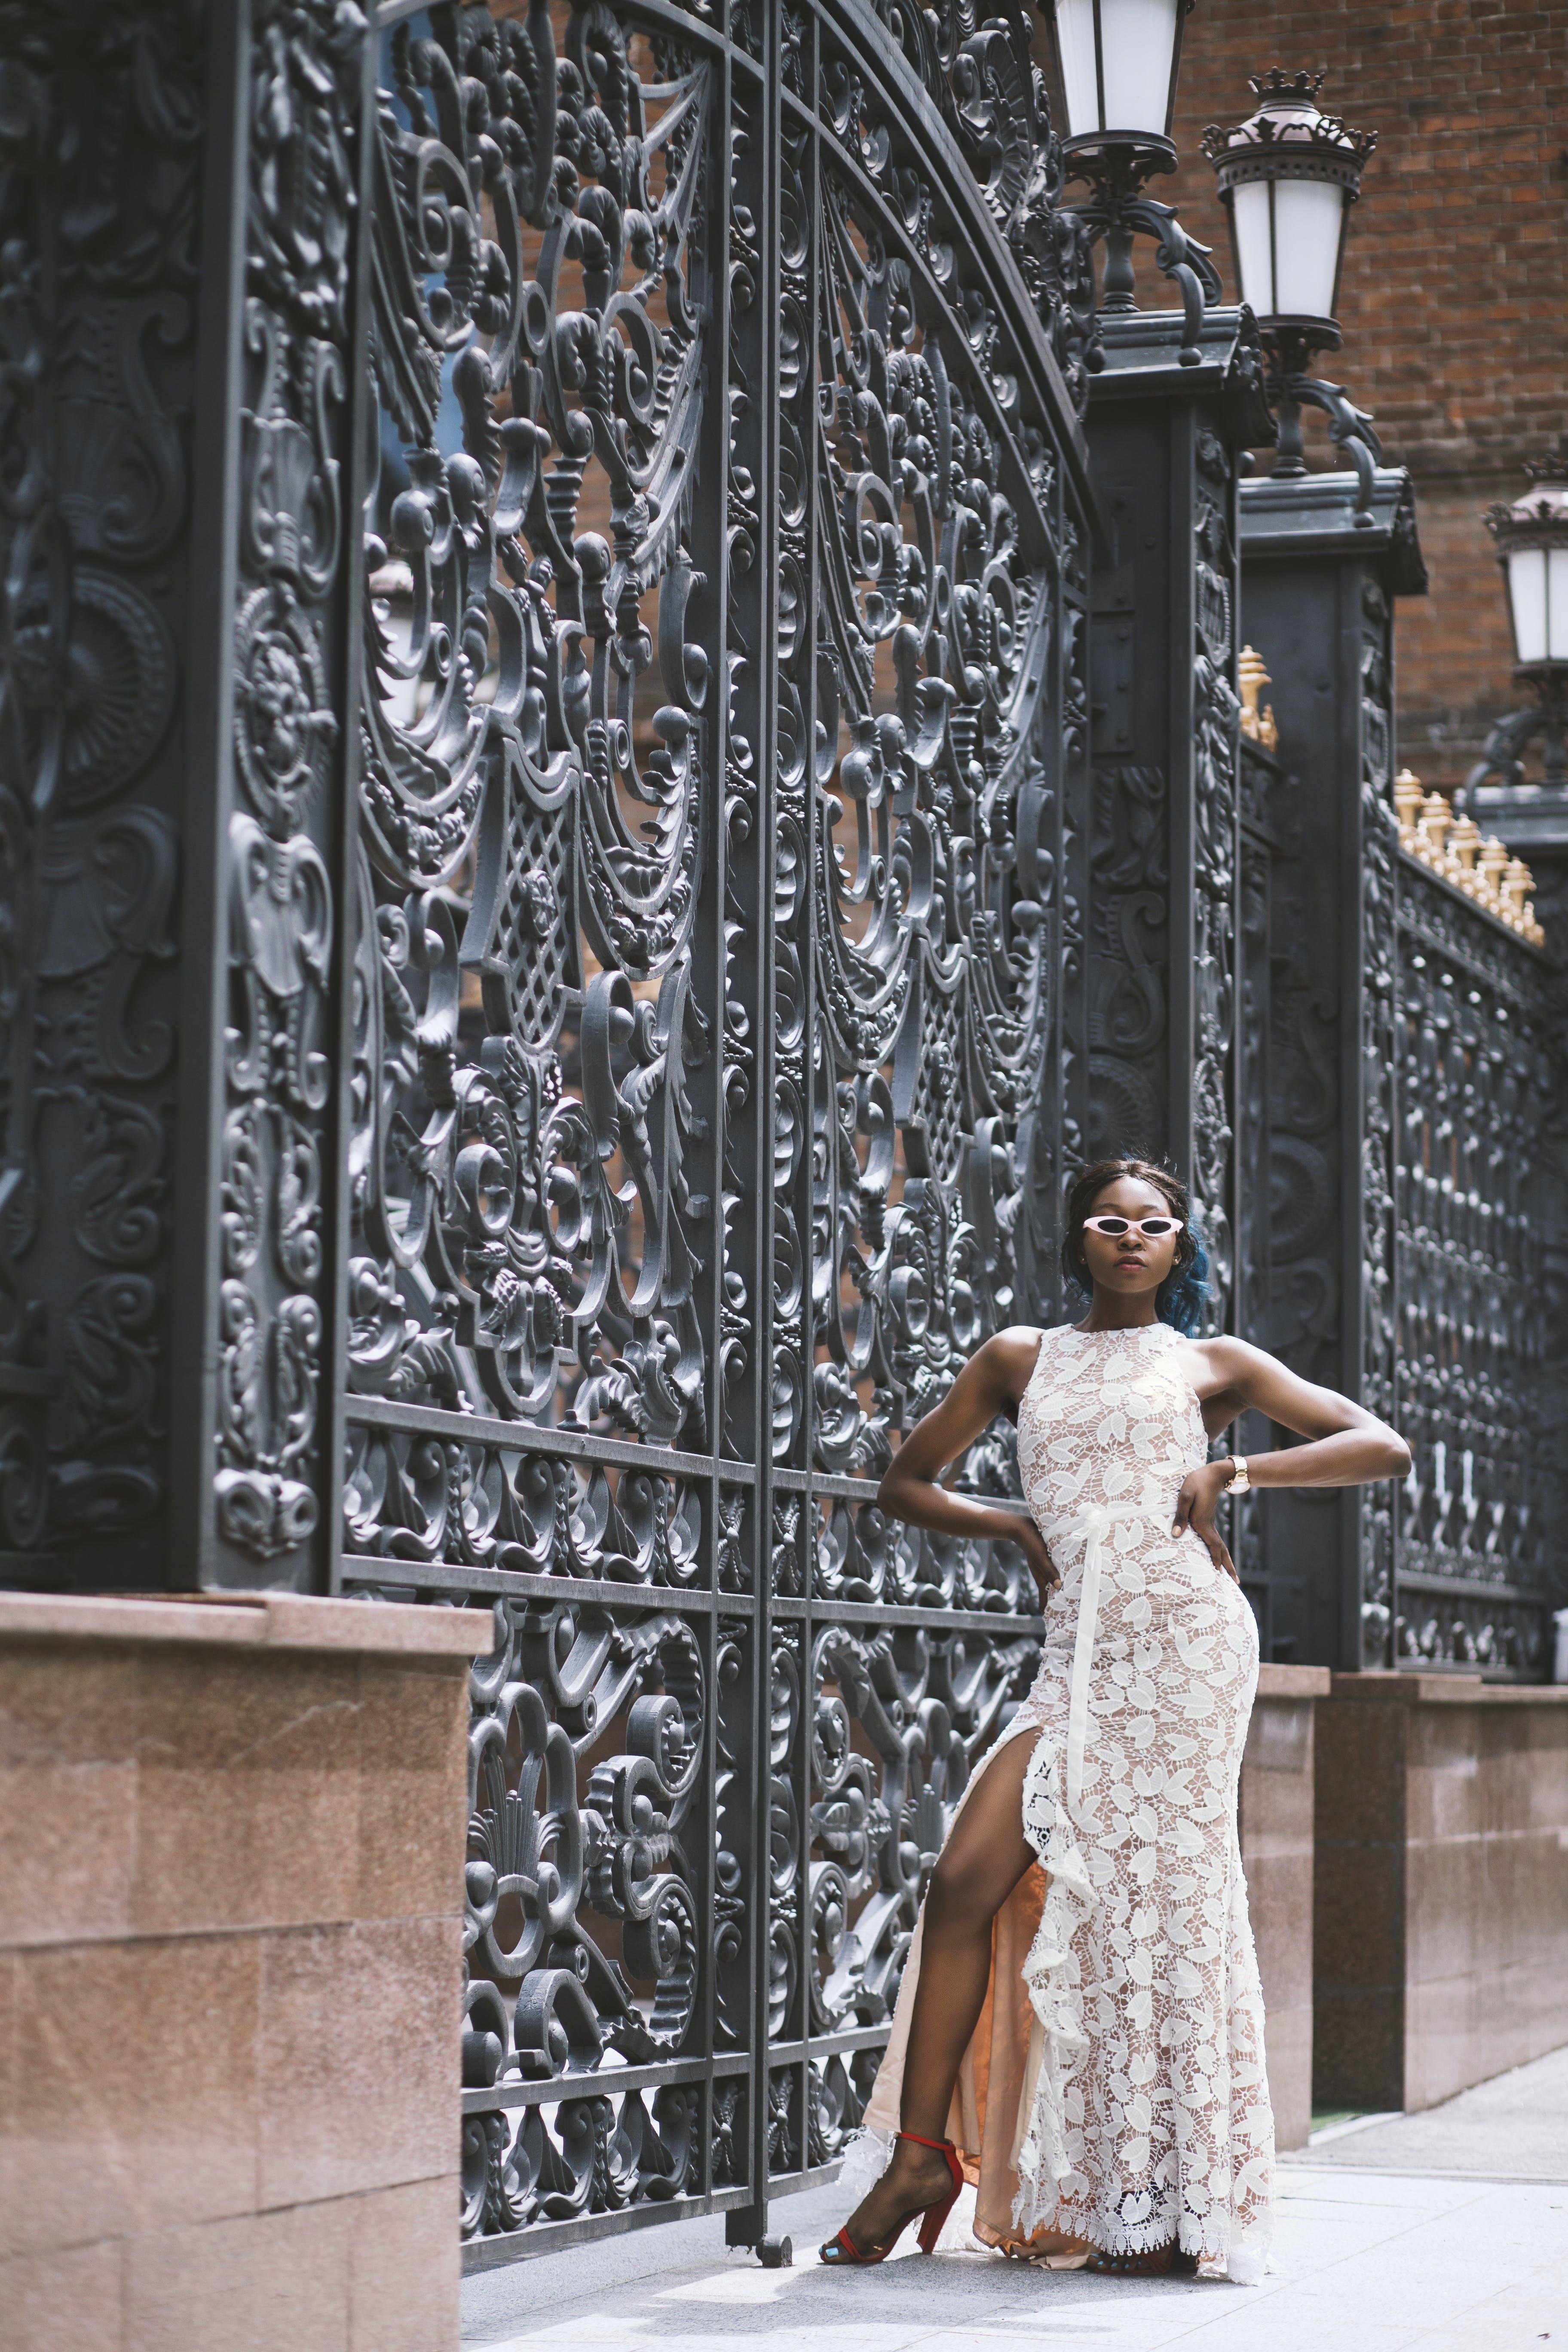 イブニングドレス, ウクライナ, ゲート, スタイルの無料の写真素材